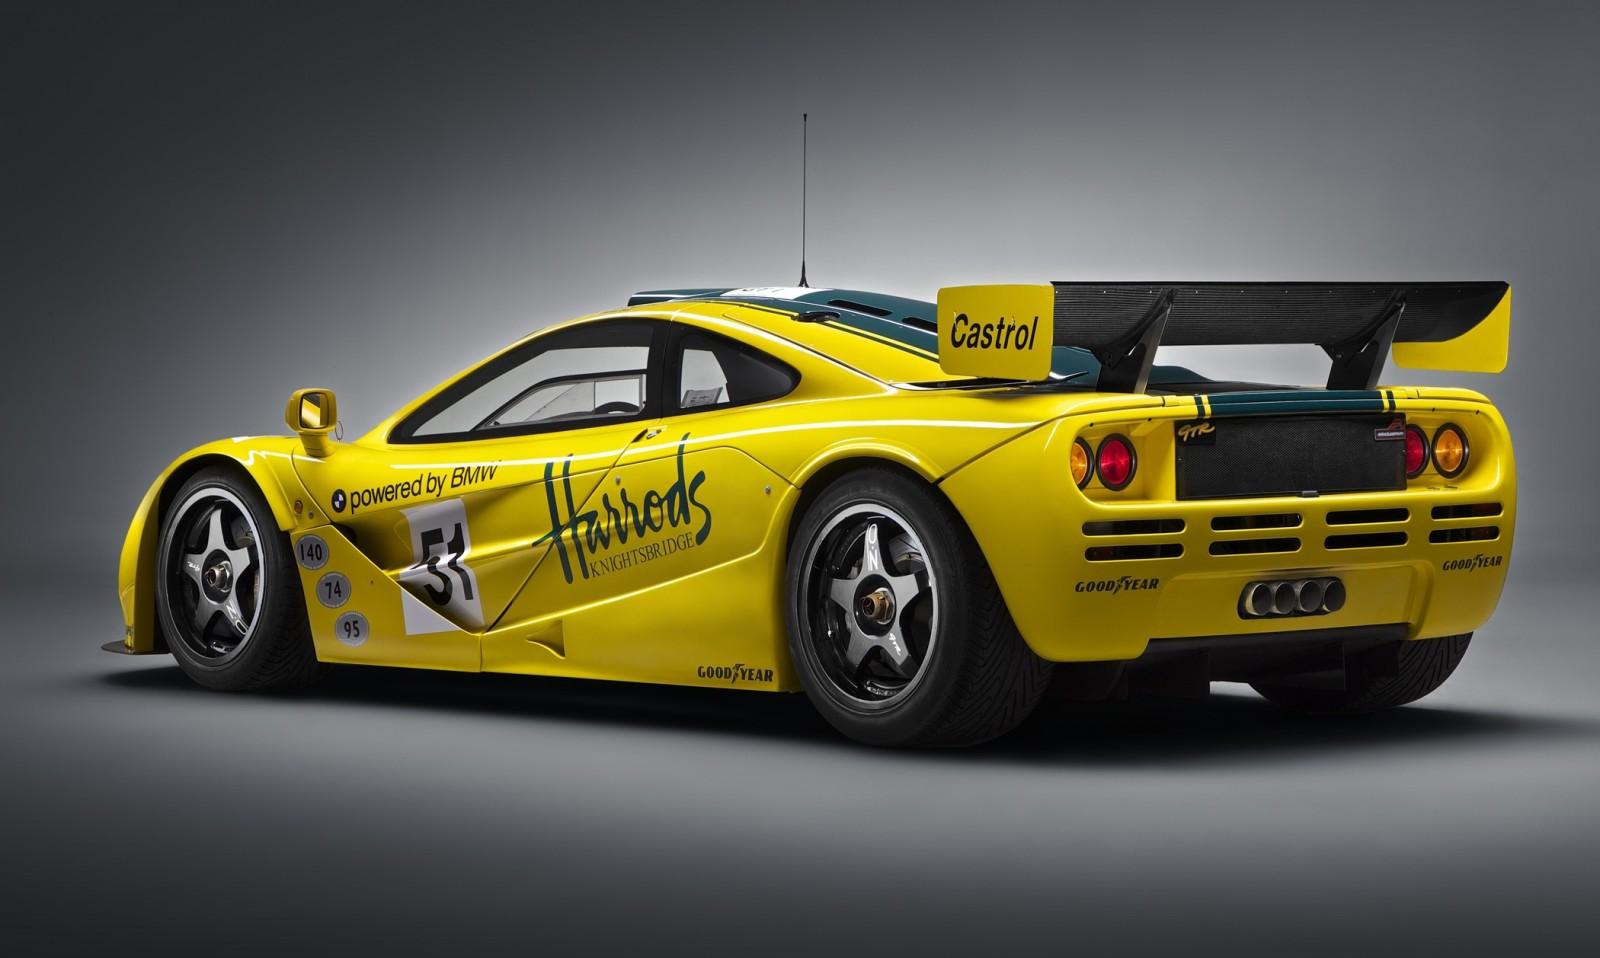 2016 McLaren P1 GTR Yellow 10